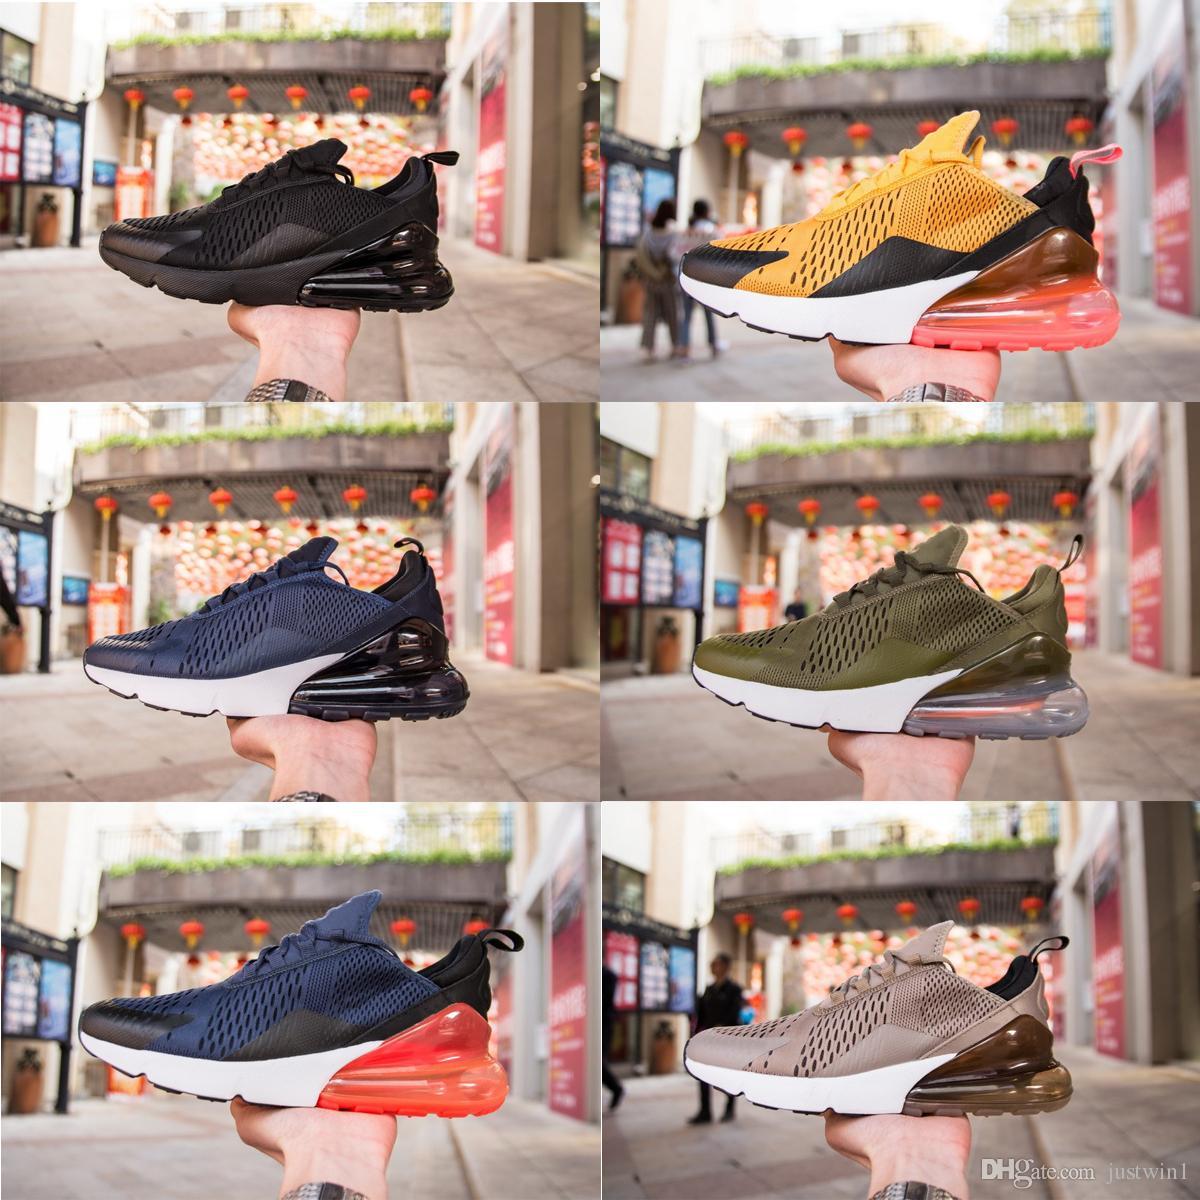 new style 36fb0 60be6 Acquista Nike W Air Max 270 Airmax 270 Air 270 Mens Donna Nuova Moda 270  Scarpe Casual 27c Scarpe Casual Uomo Donna Commercio All ingrosso Flair  Triple Nero ...